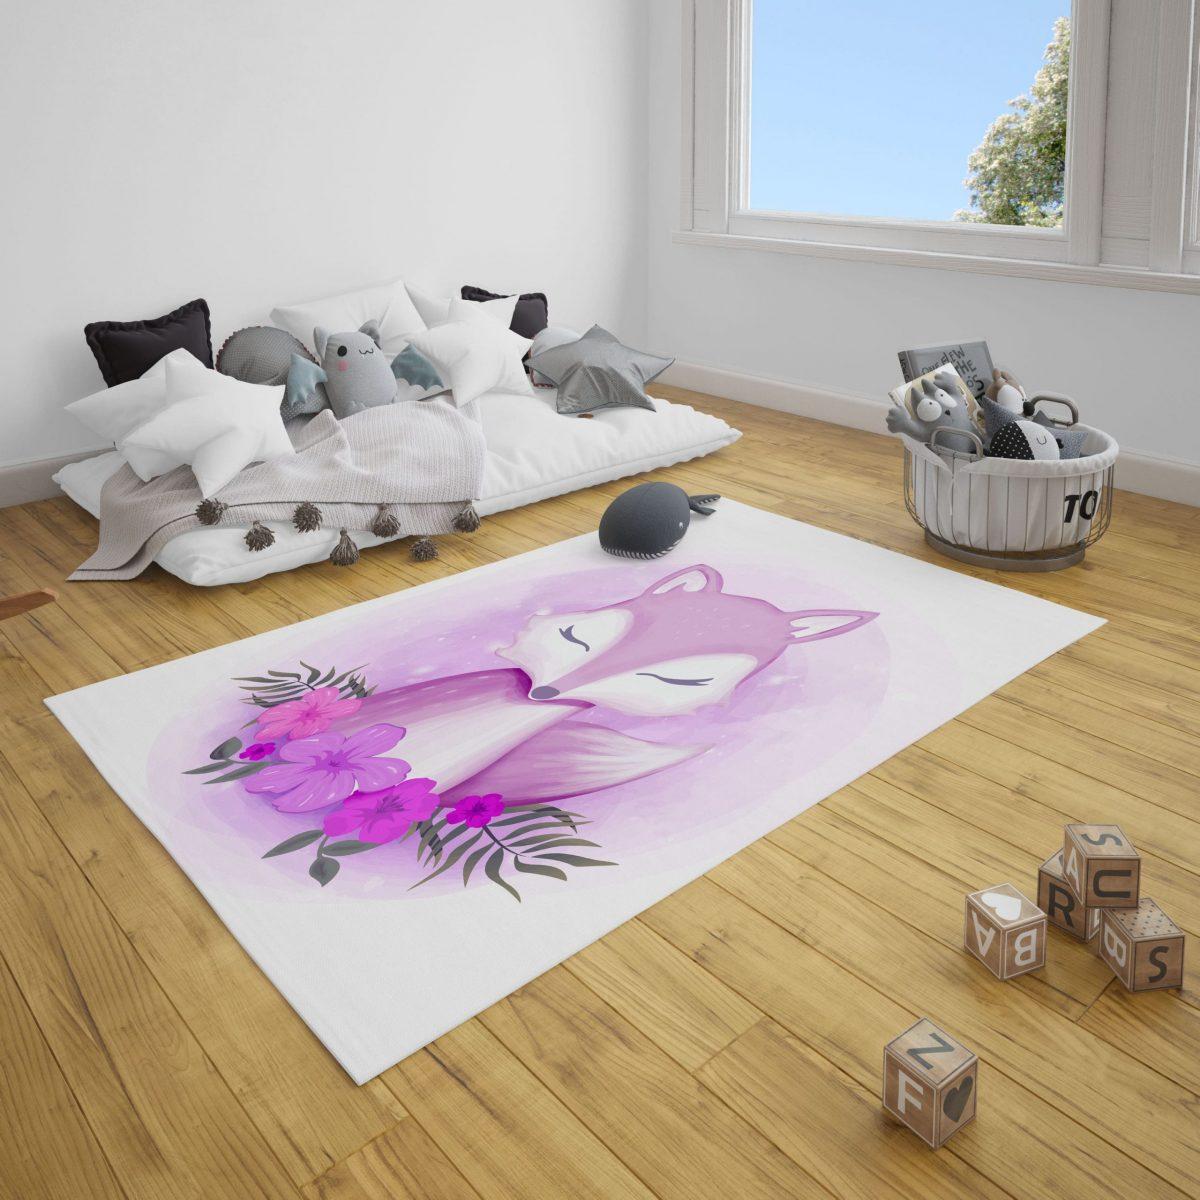 Asil Tilki Bebek Odası ve Çocuk Odası Halı